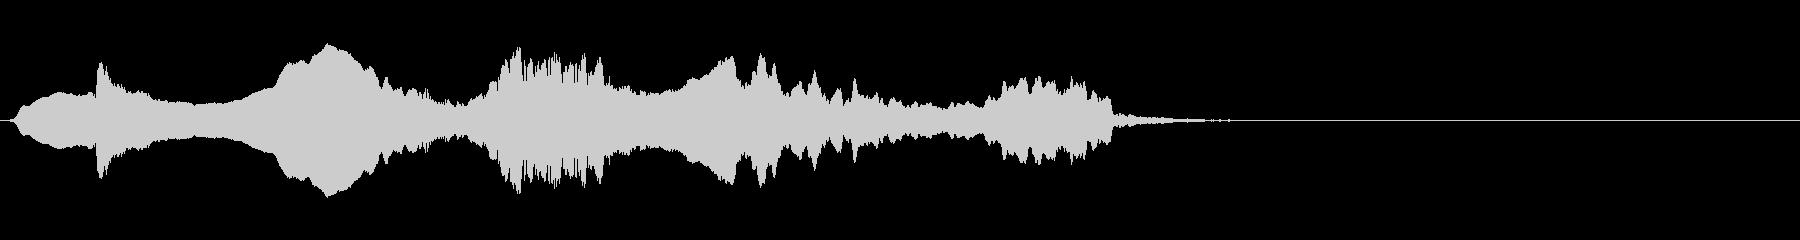 尺八 生演奏 古典風 残響音有 #3の未再生の波形